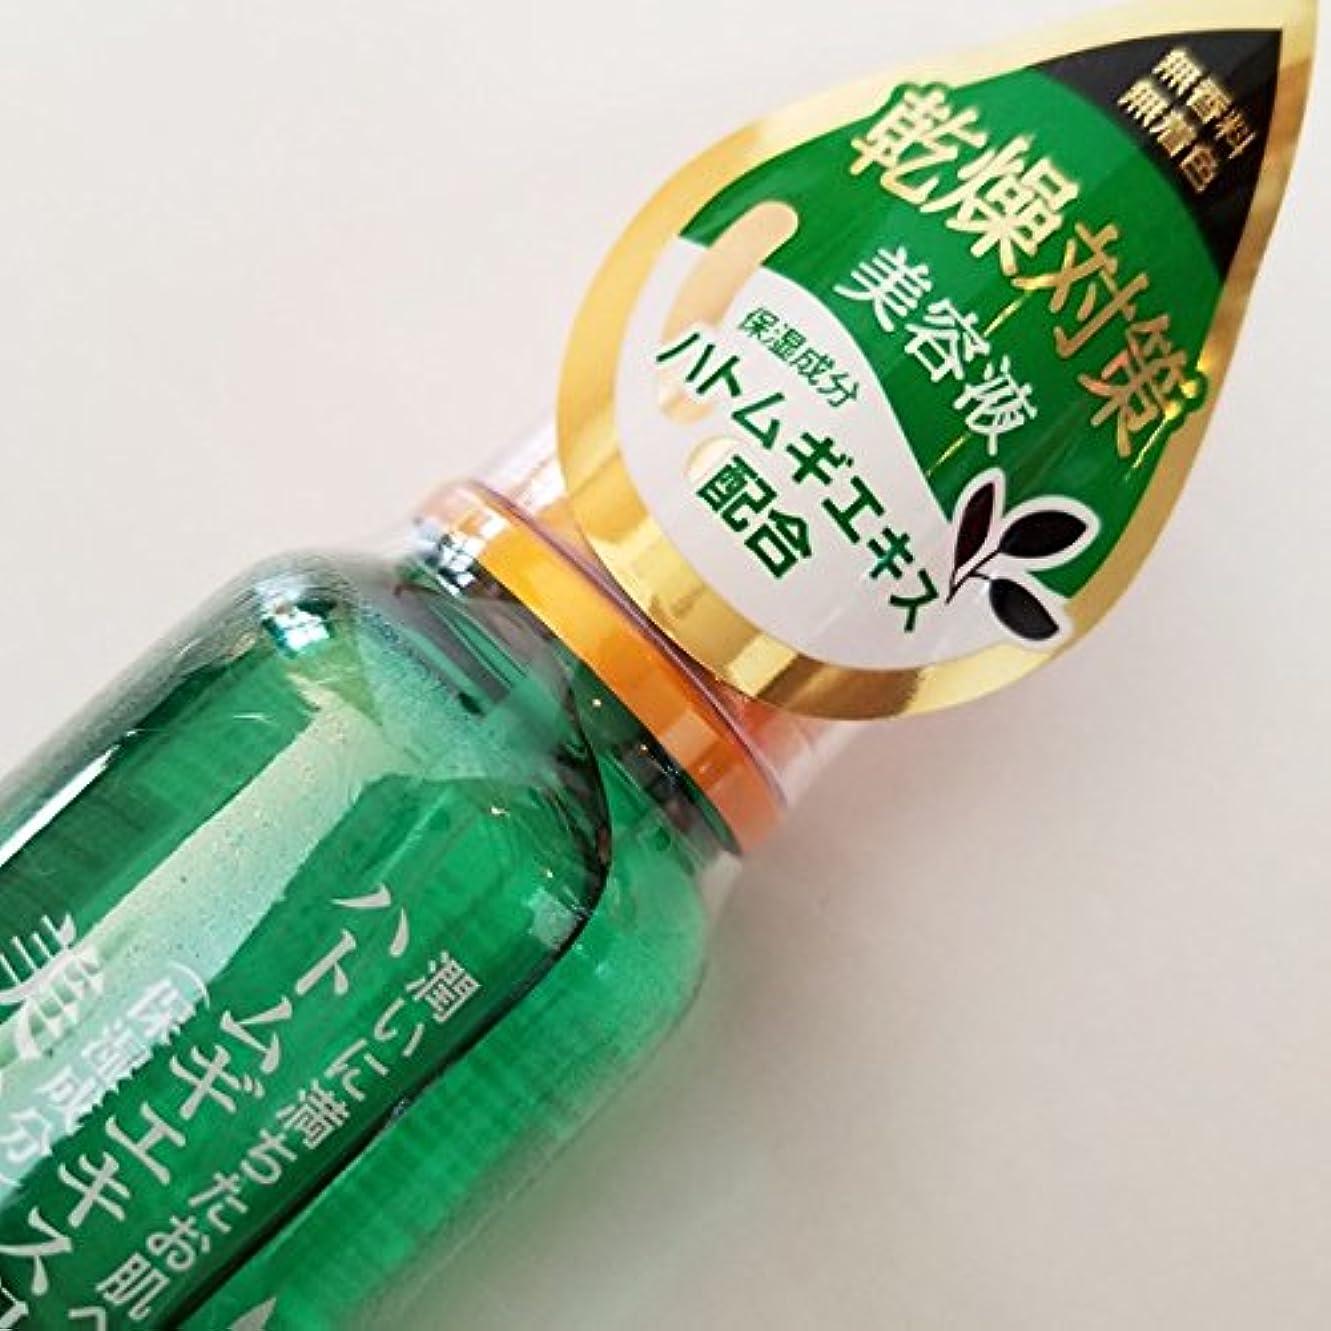 確立しますダブルほんのDAISO ハトムギ美容液